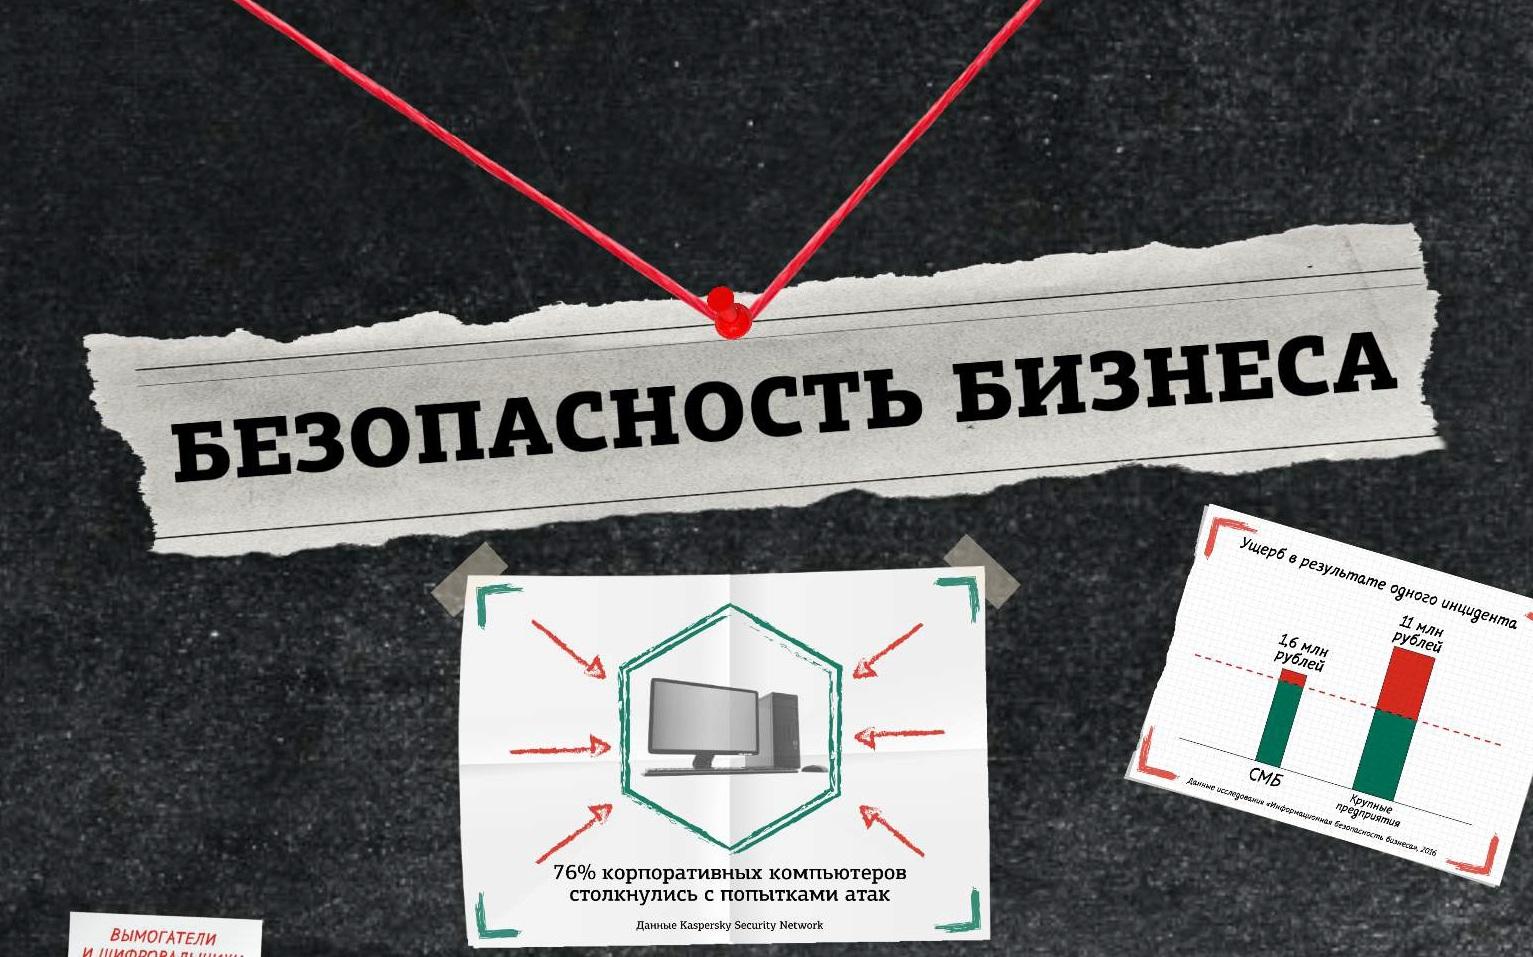 «Лаборатория Касперского» подвела итоги года в сфере кибербезопасности